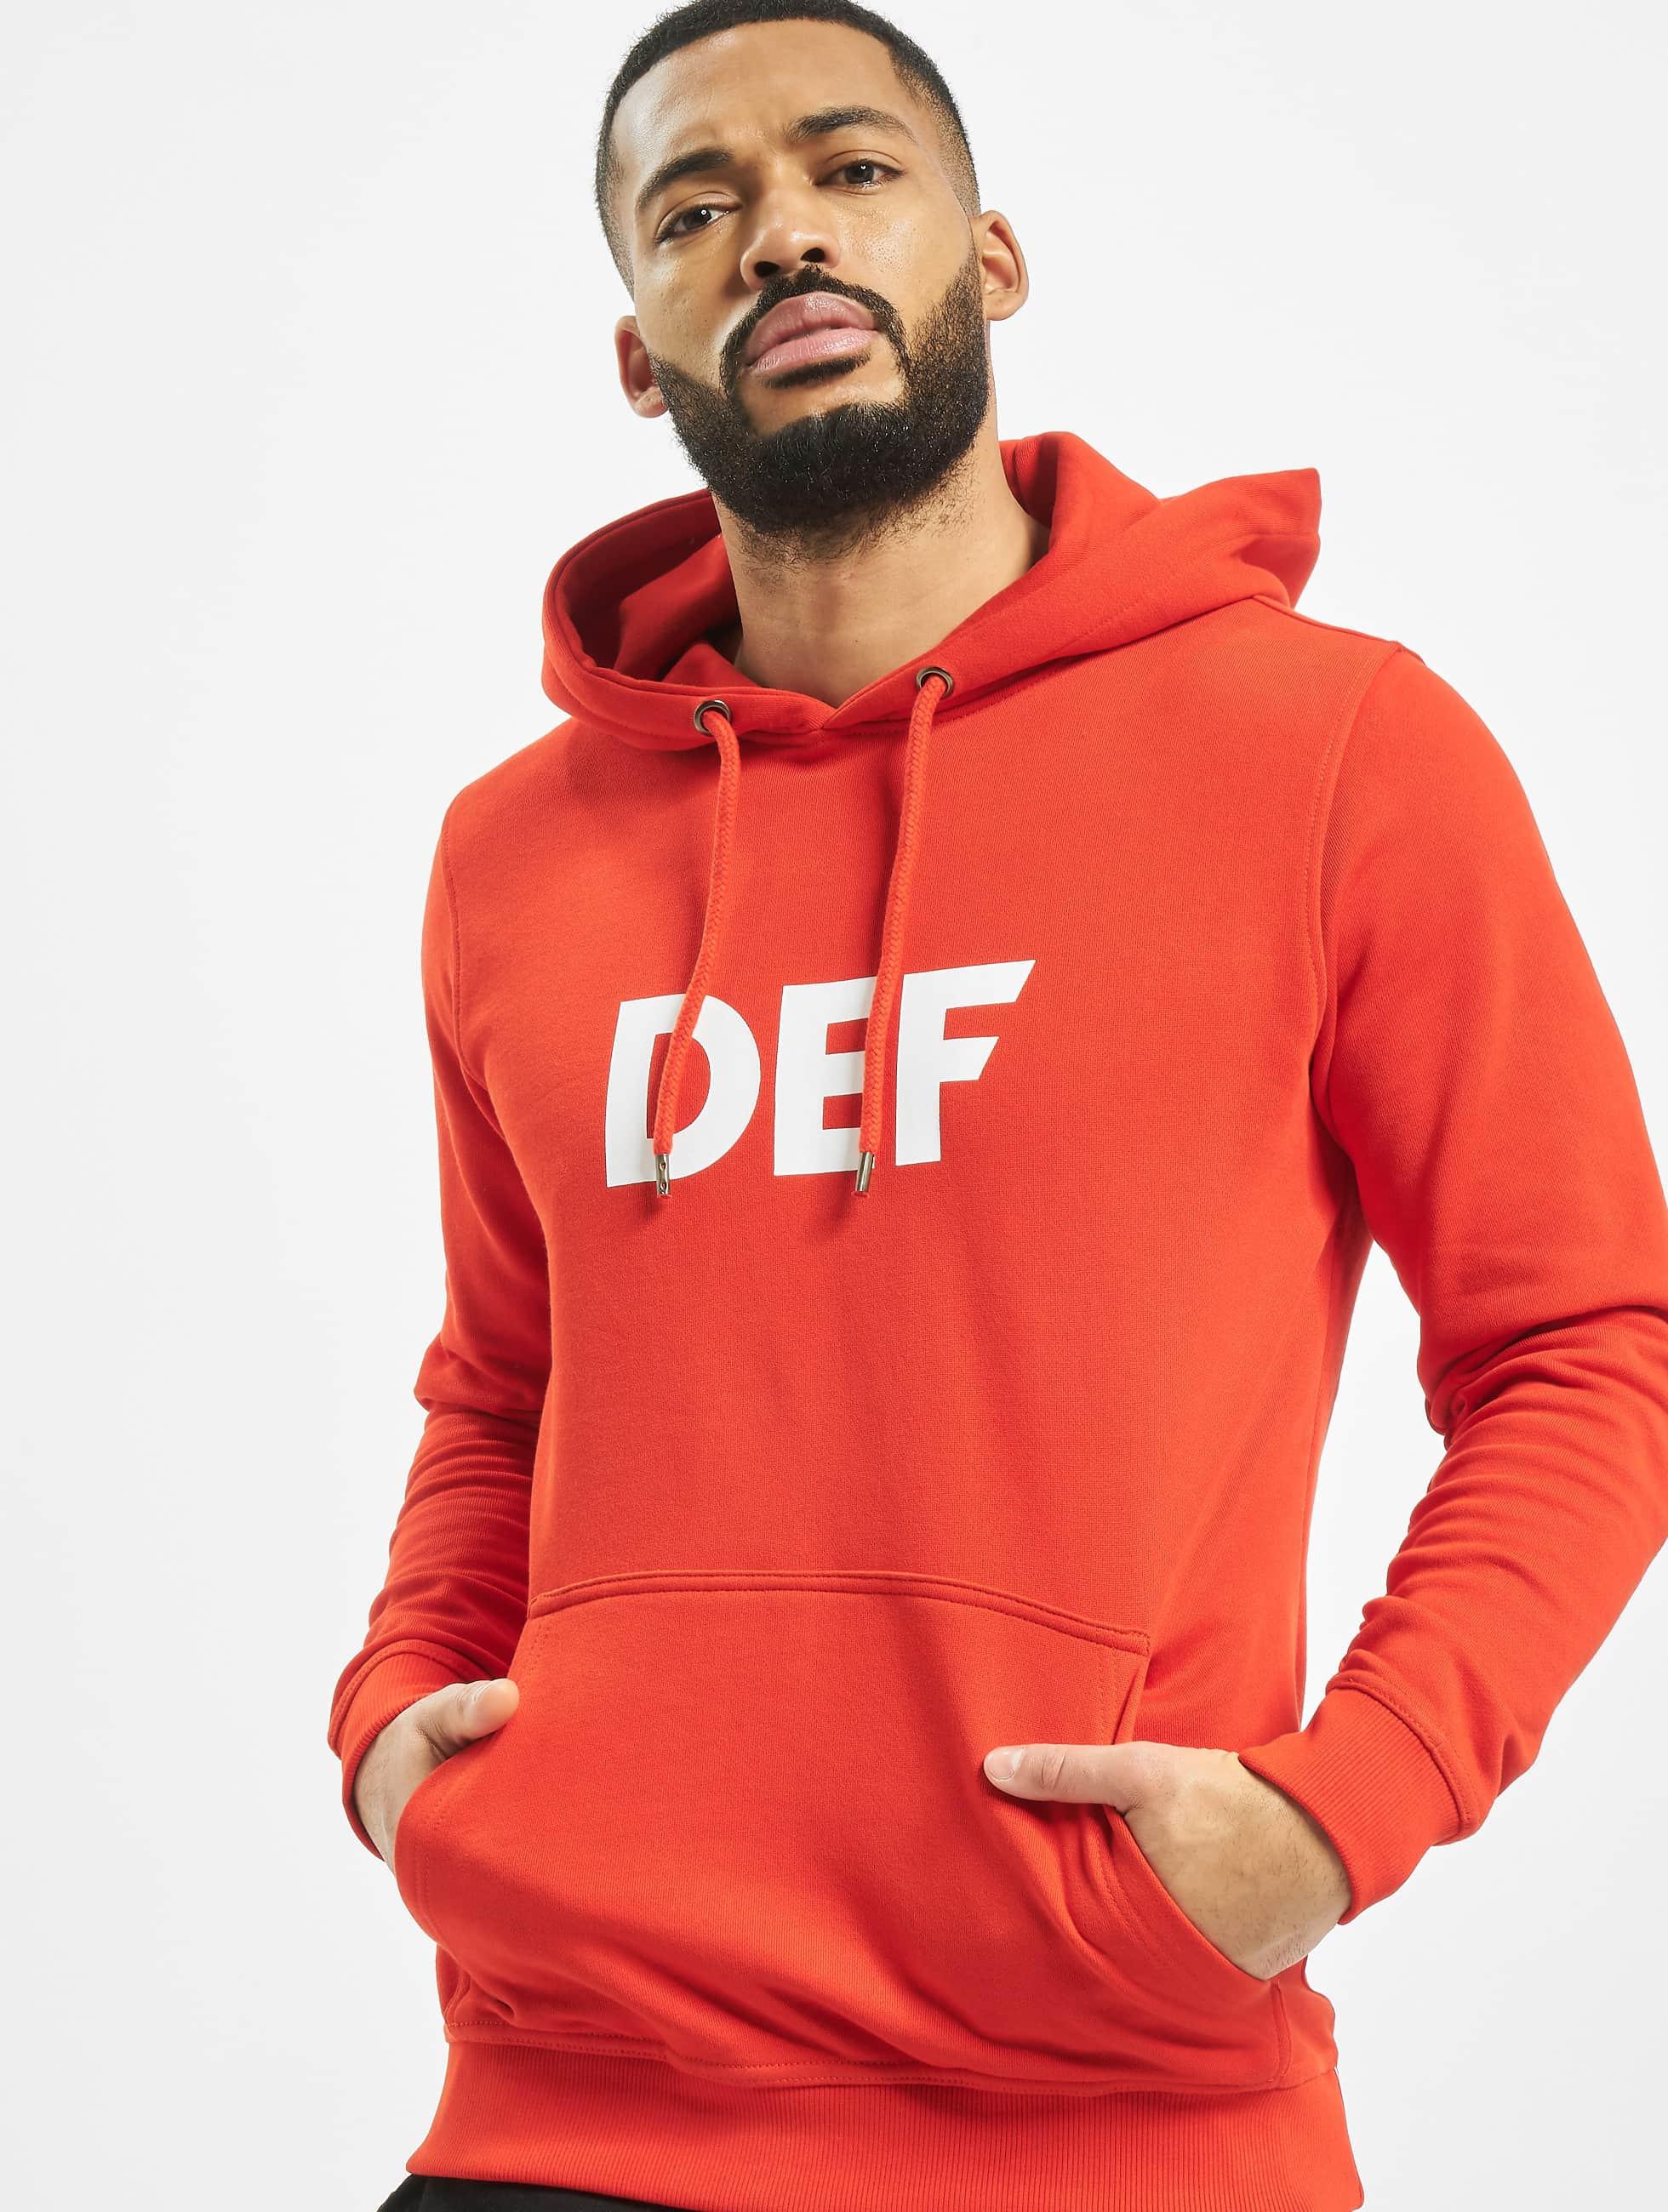 DEF / Hoodie Til Death in red XL